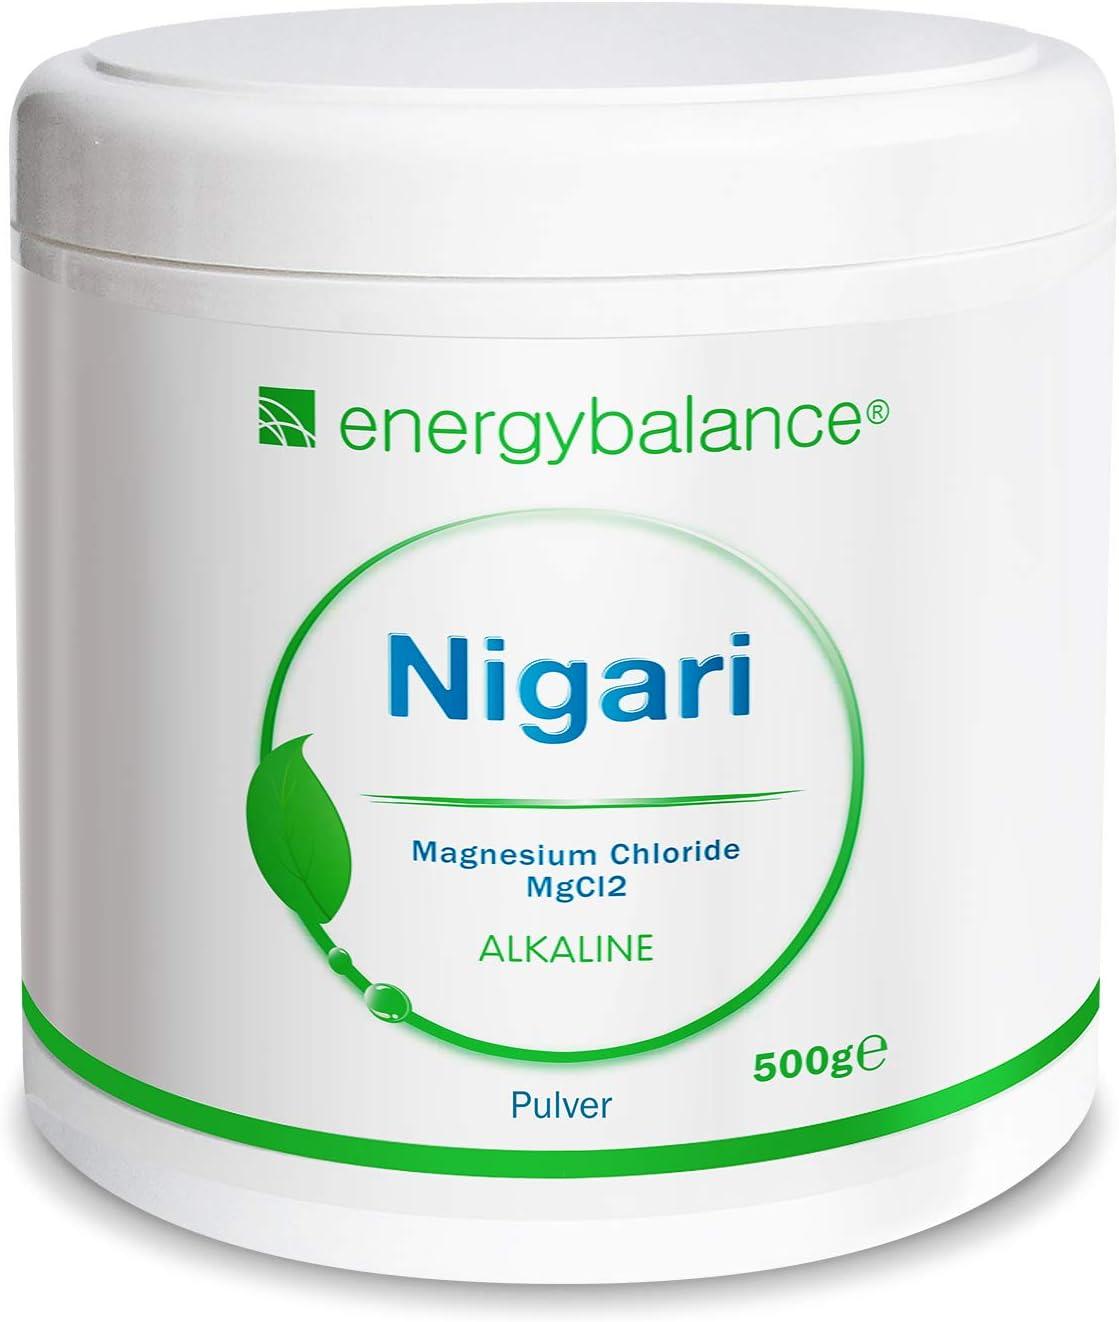 EnergyBalance Magnesio Cloruro de Magnesio-Nigari en Polvo 500g | Cloruro de Magnesio de salmuera cruda | Apto para diabéticos y veganos | Sin gluten ...